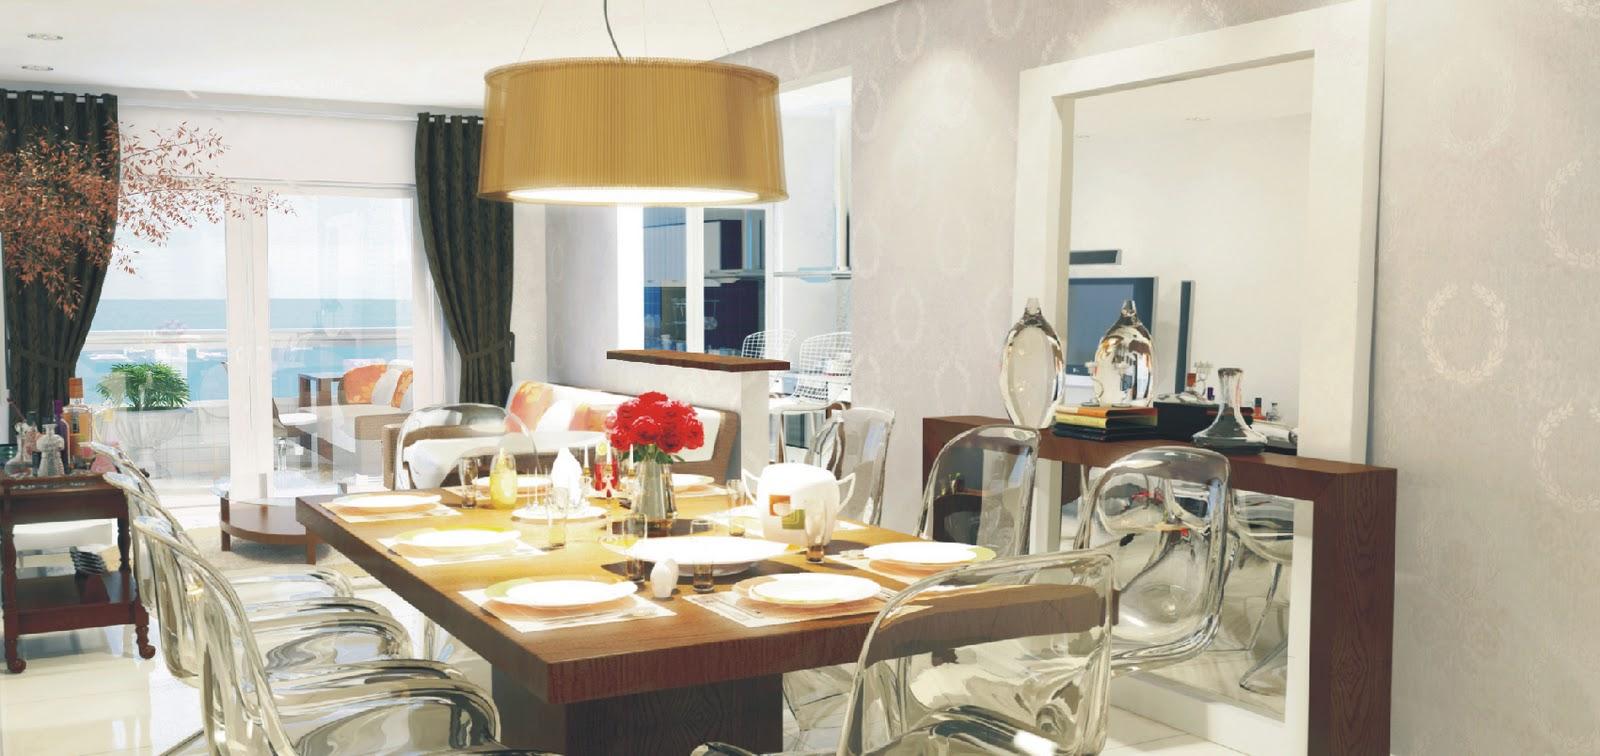 Cozinha Americana Gourmet Cozinha Gourmet Para Residncia With